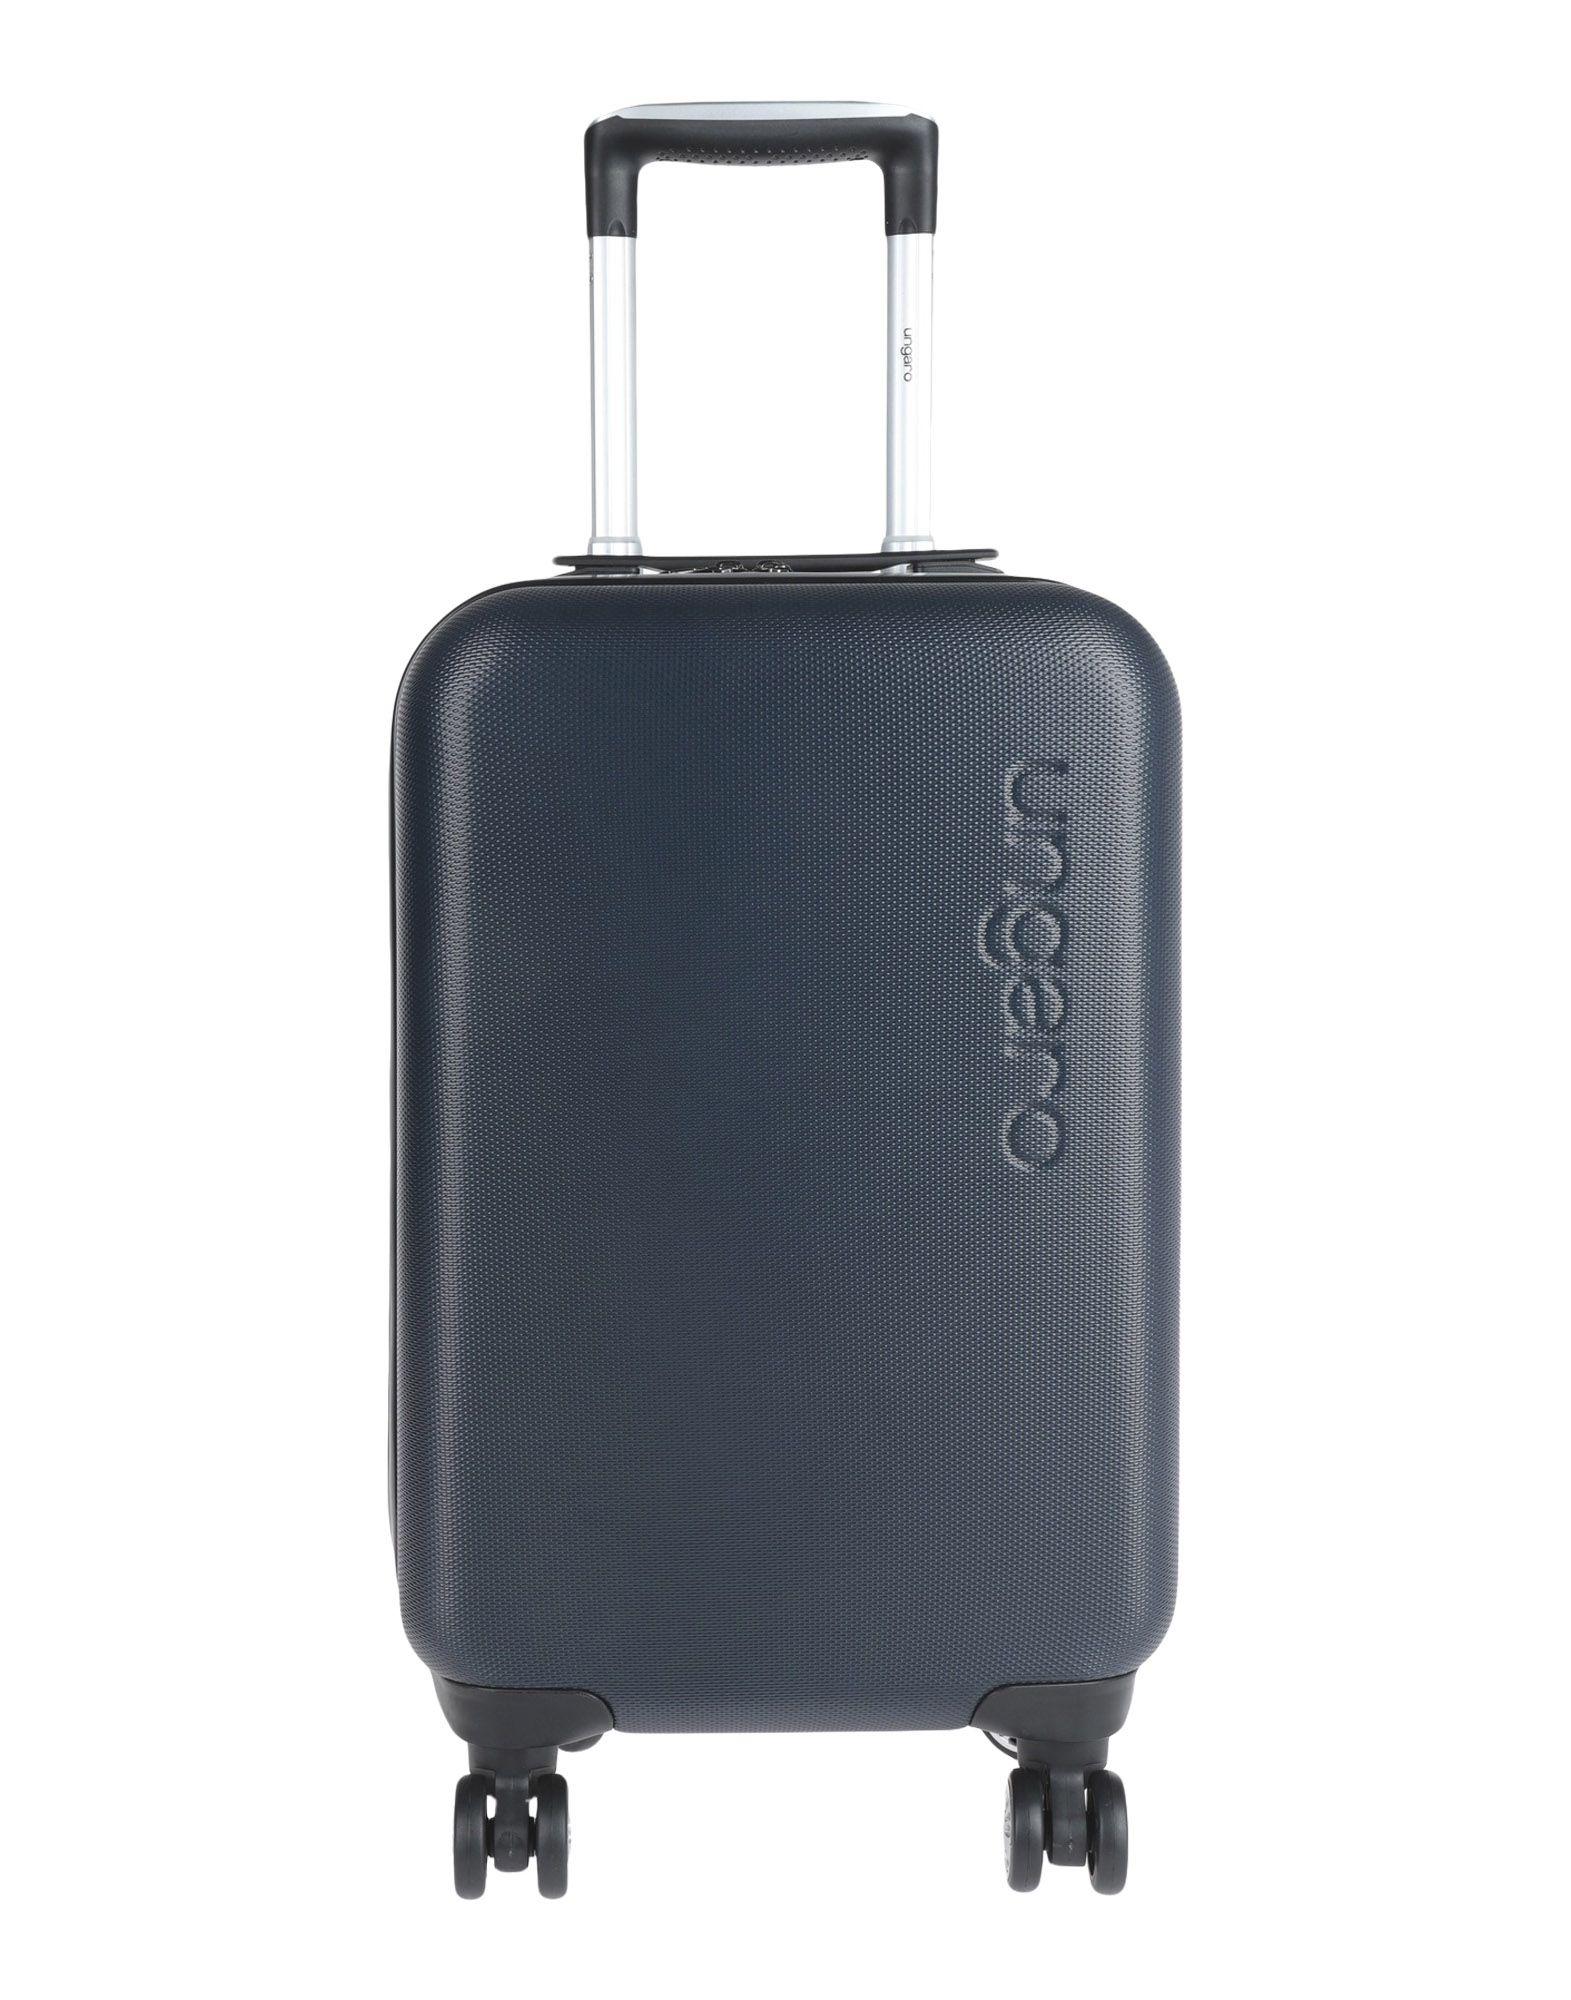 《期間限定セール中》UNGARO メンズ キャスター付きバッグ ダークブルー ABS樹脂 100%